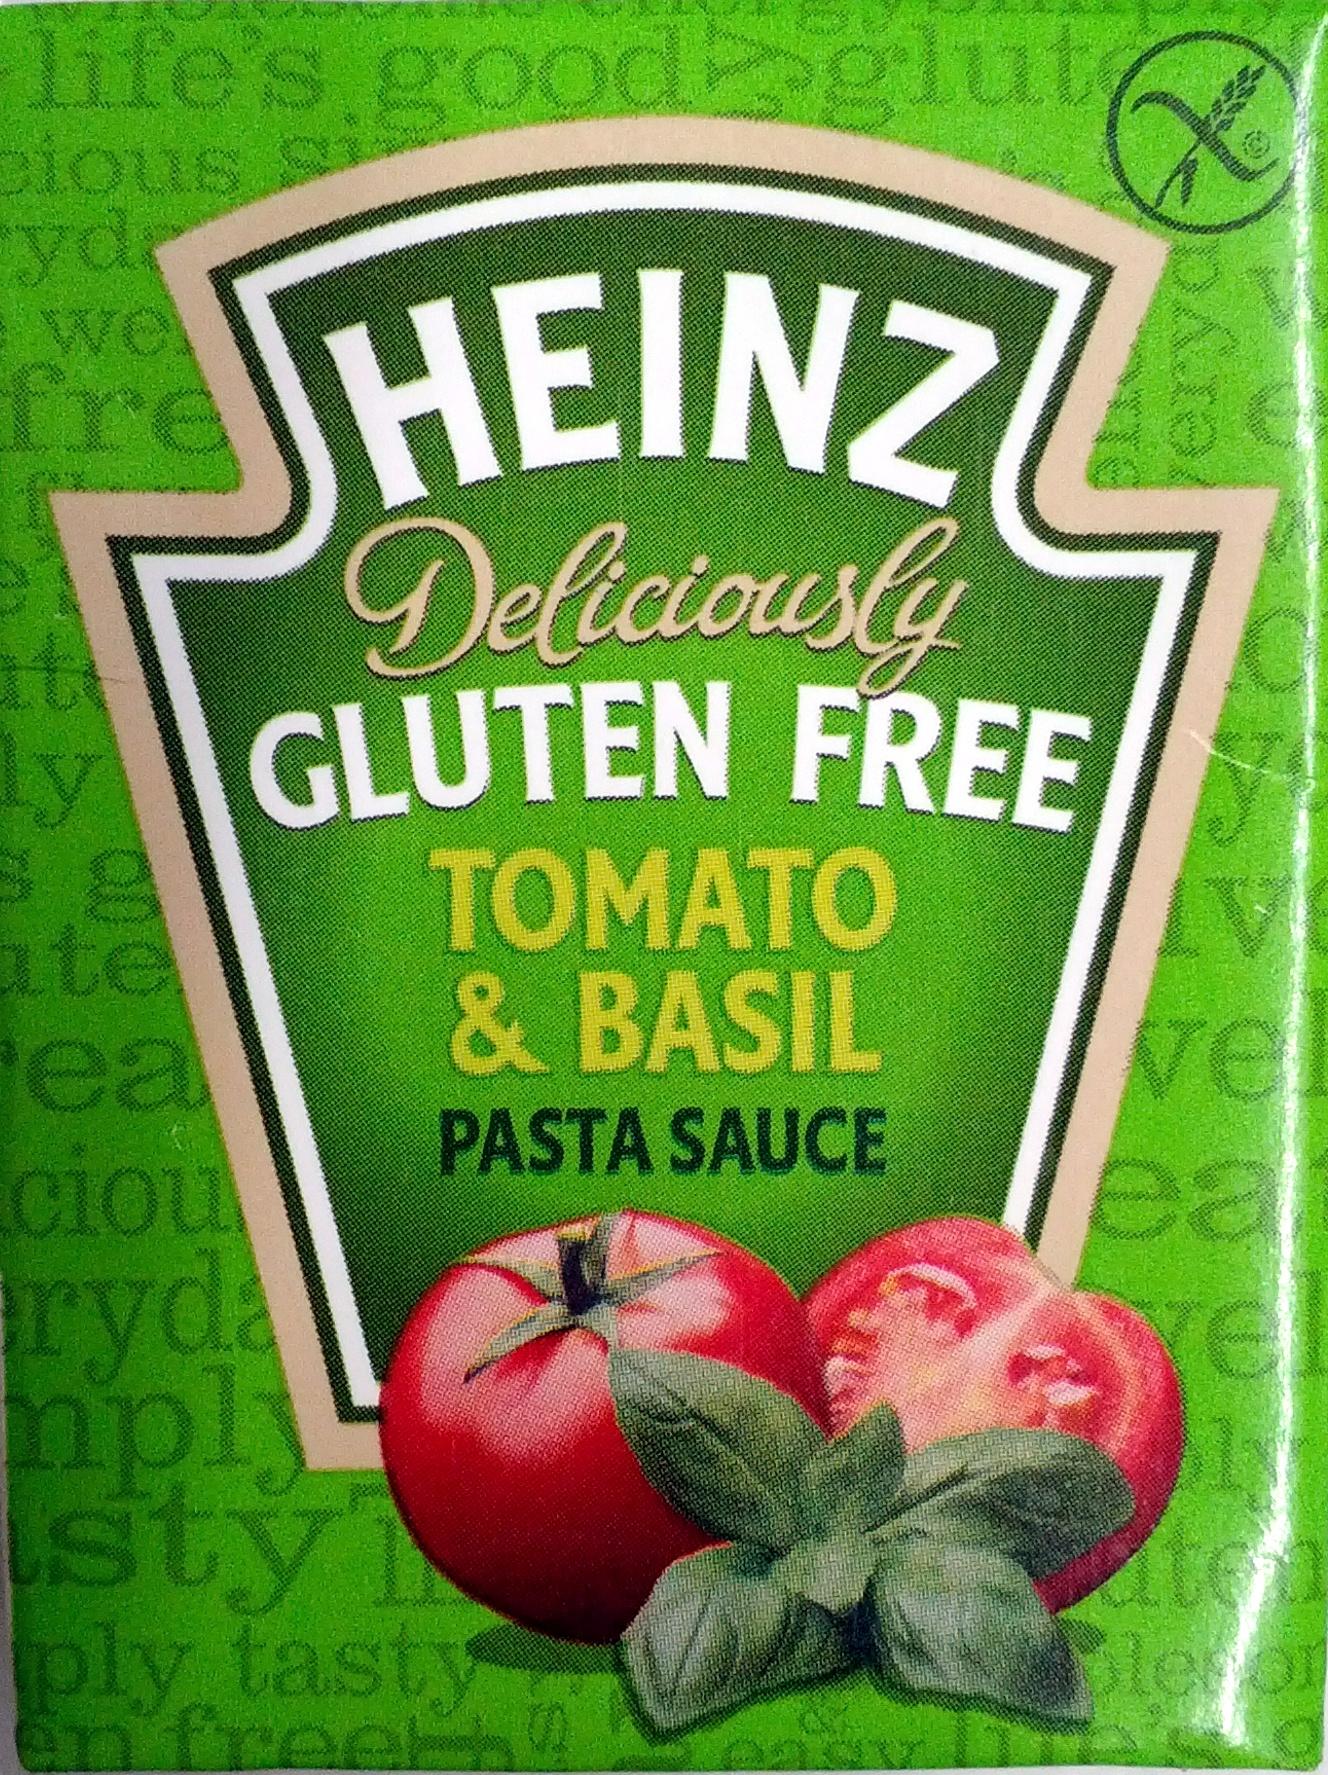 Gluten Free Tomato & Basil pasta Sauce - Produit - en